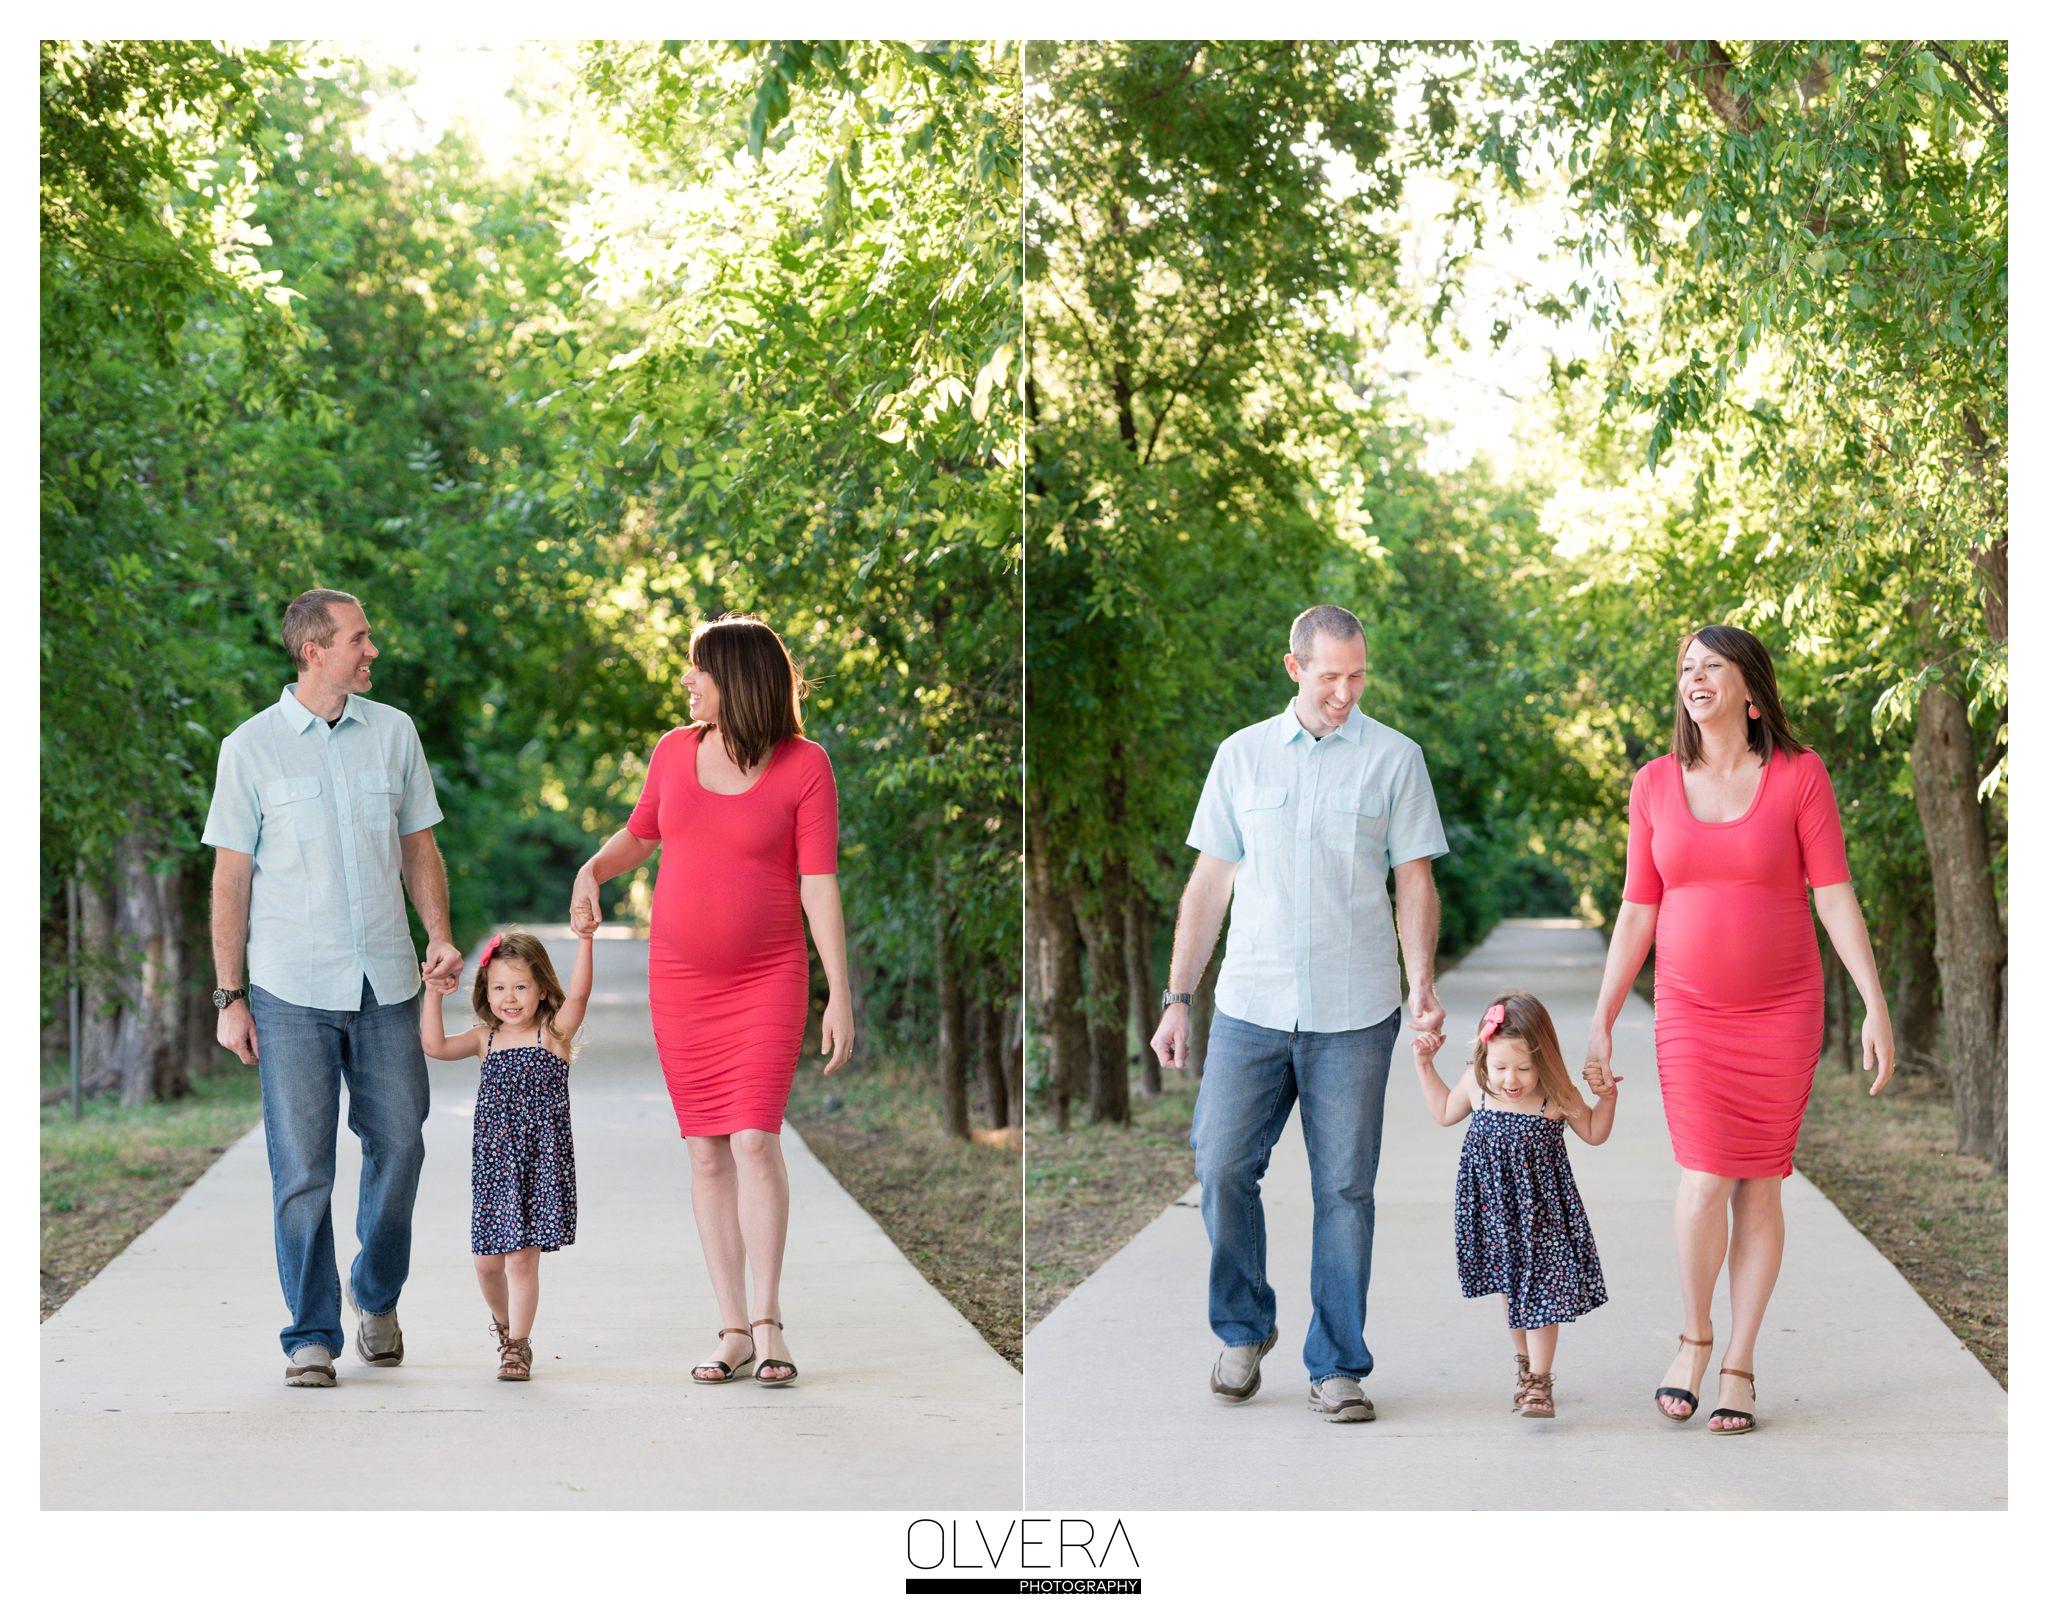 Harrell Family | Maternity and Family Portraits